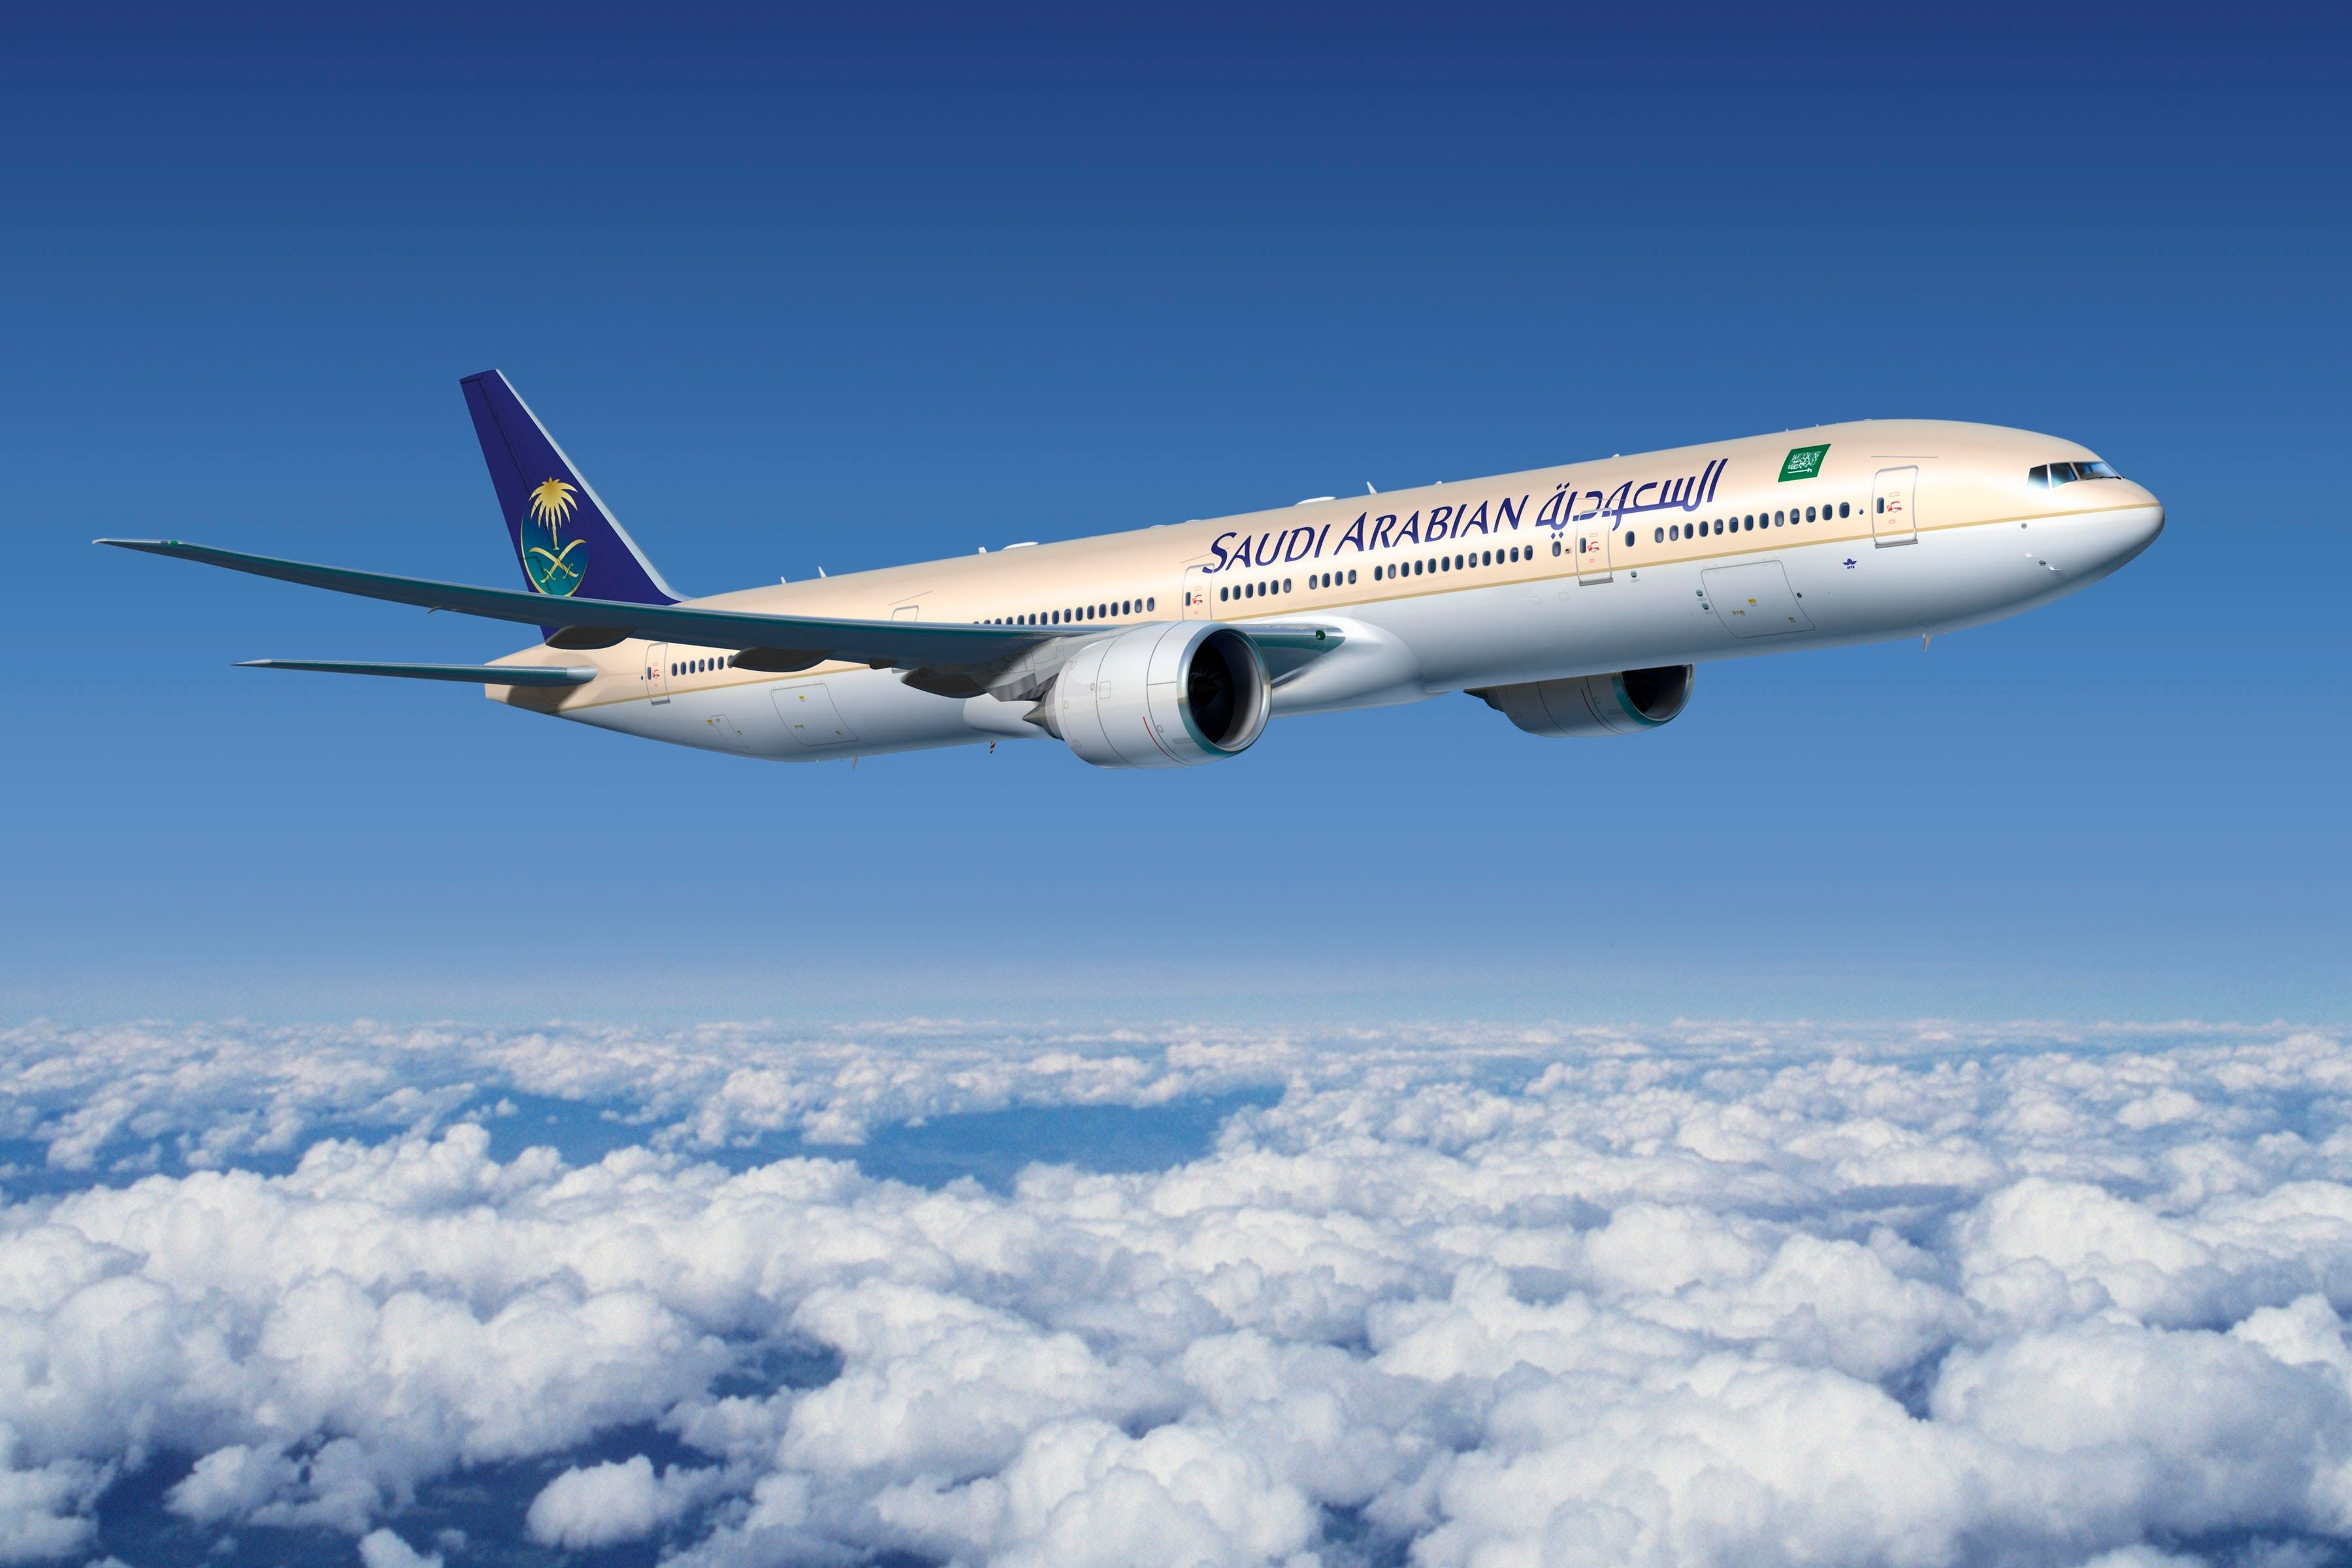 السعودية تتيح لضيوفها إصدار بطاقة صعود الطائرة قبل موعد المغادرة بـ 48 ساعة Boeing 777 Arabia Airlines Boeing Aircraft